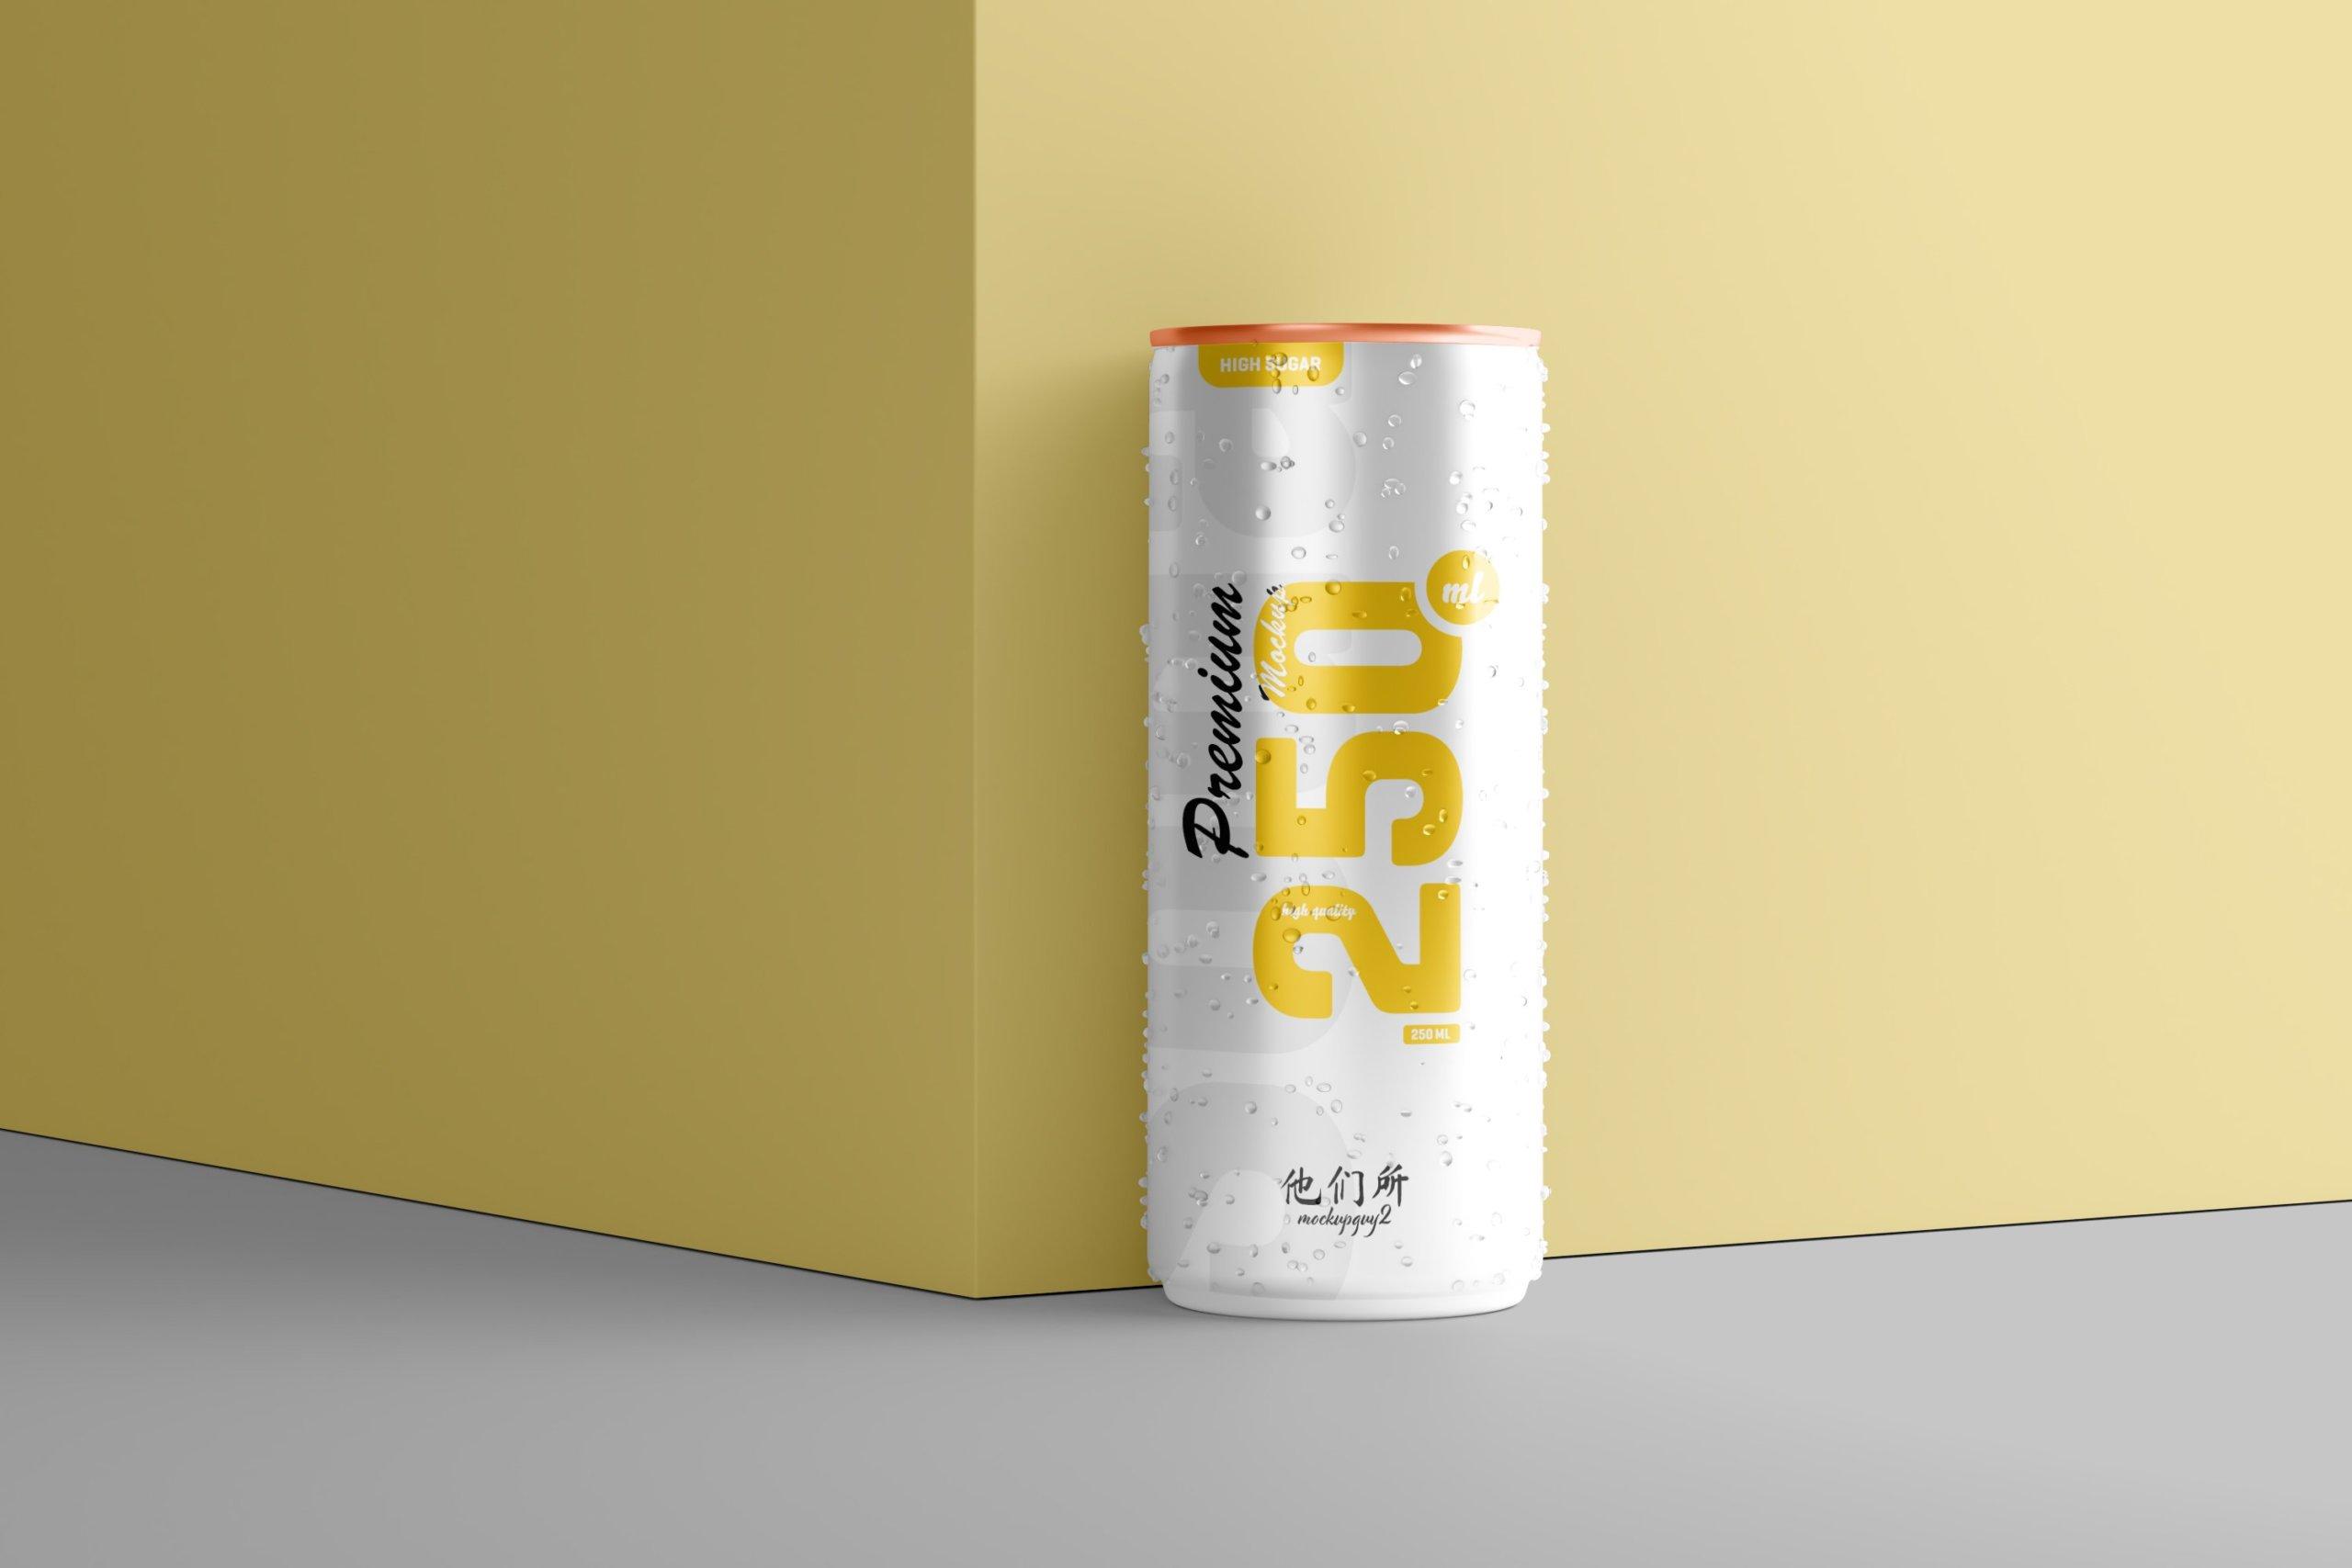 10款250ml啤酒饮料苏打水锡罐易拉罐设计展示样机 250ml Soda Can Mockup插图7